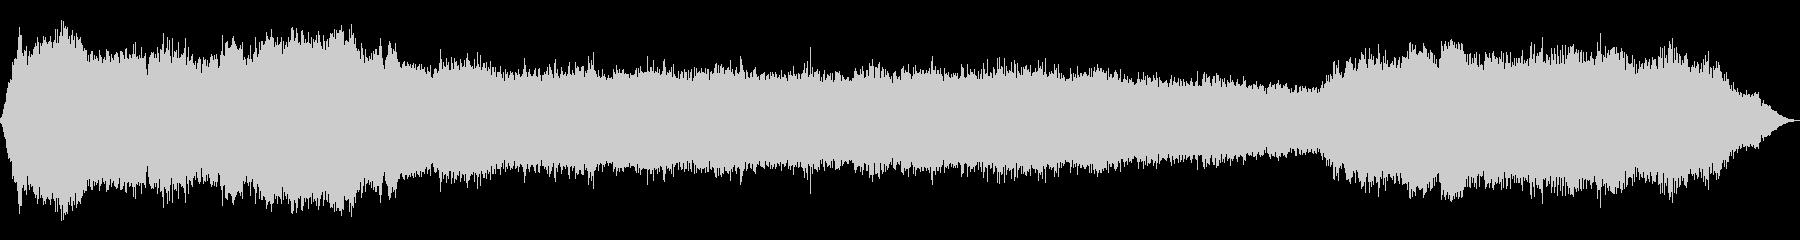 ディスカバリープラネットトーンの未再生の波形